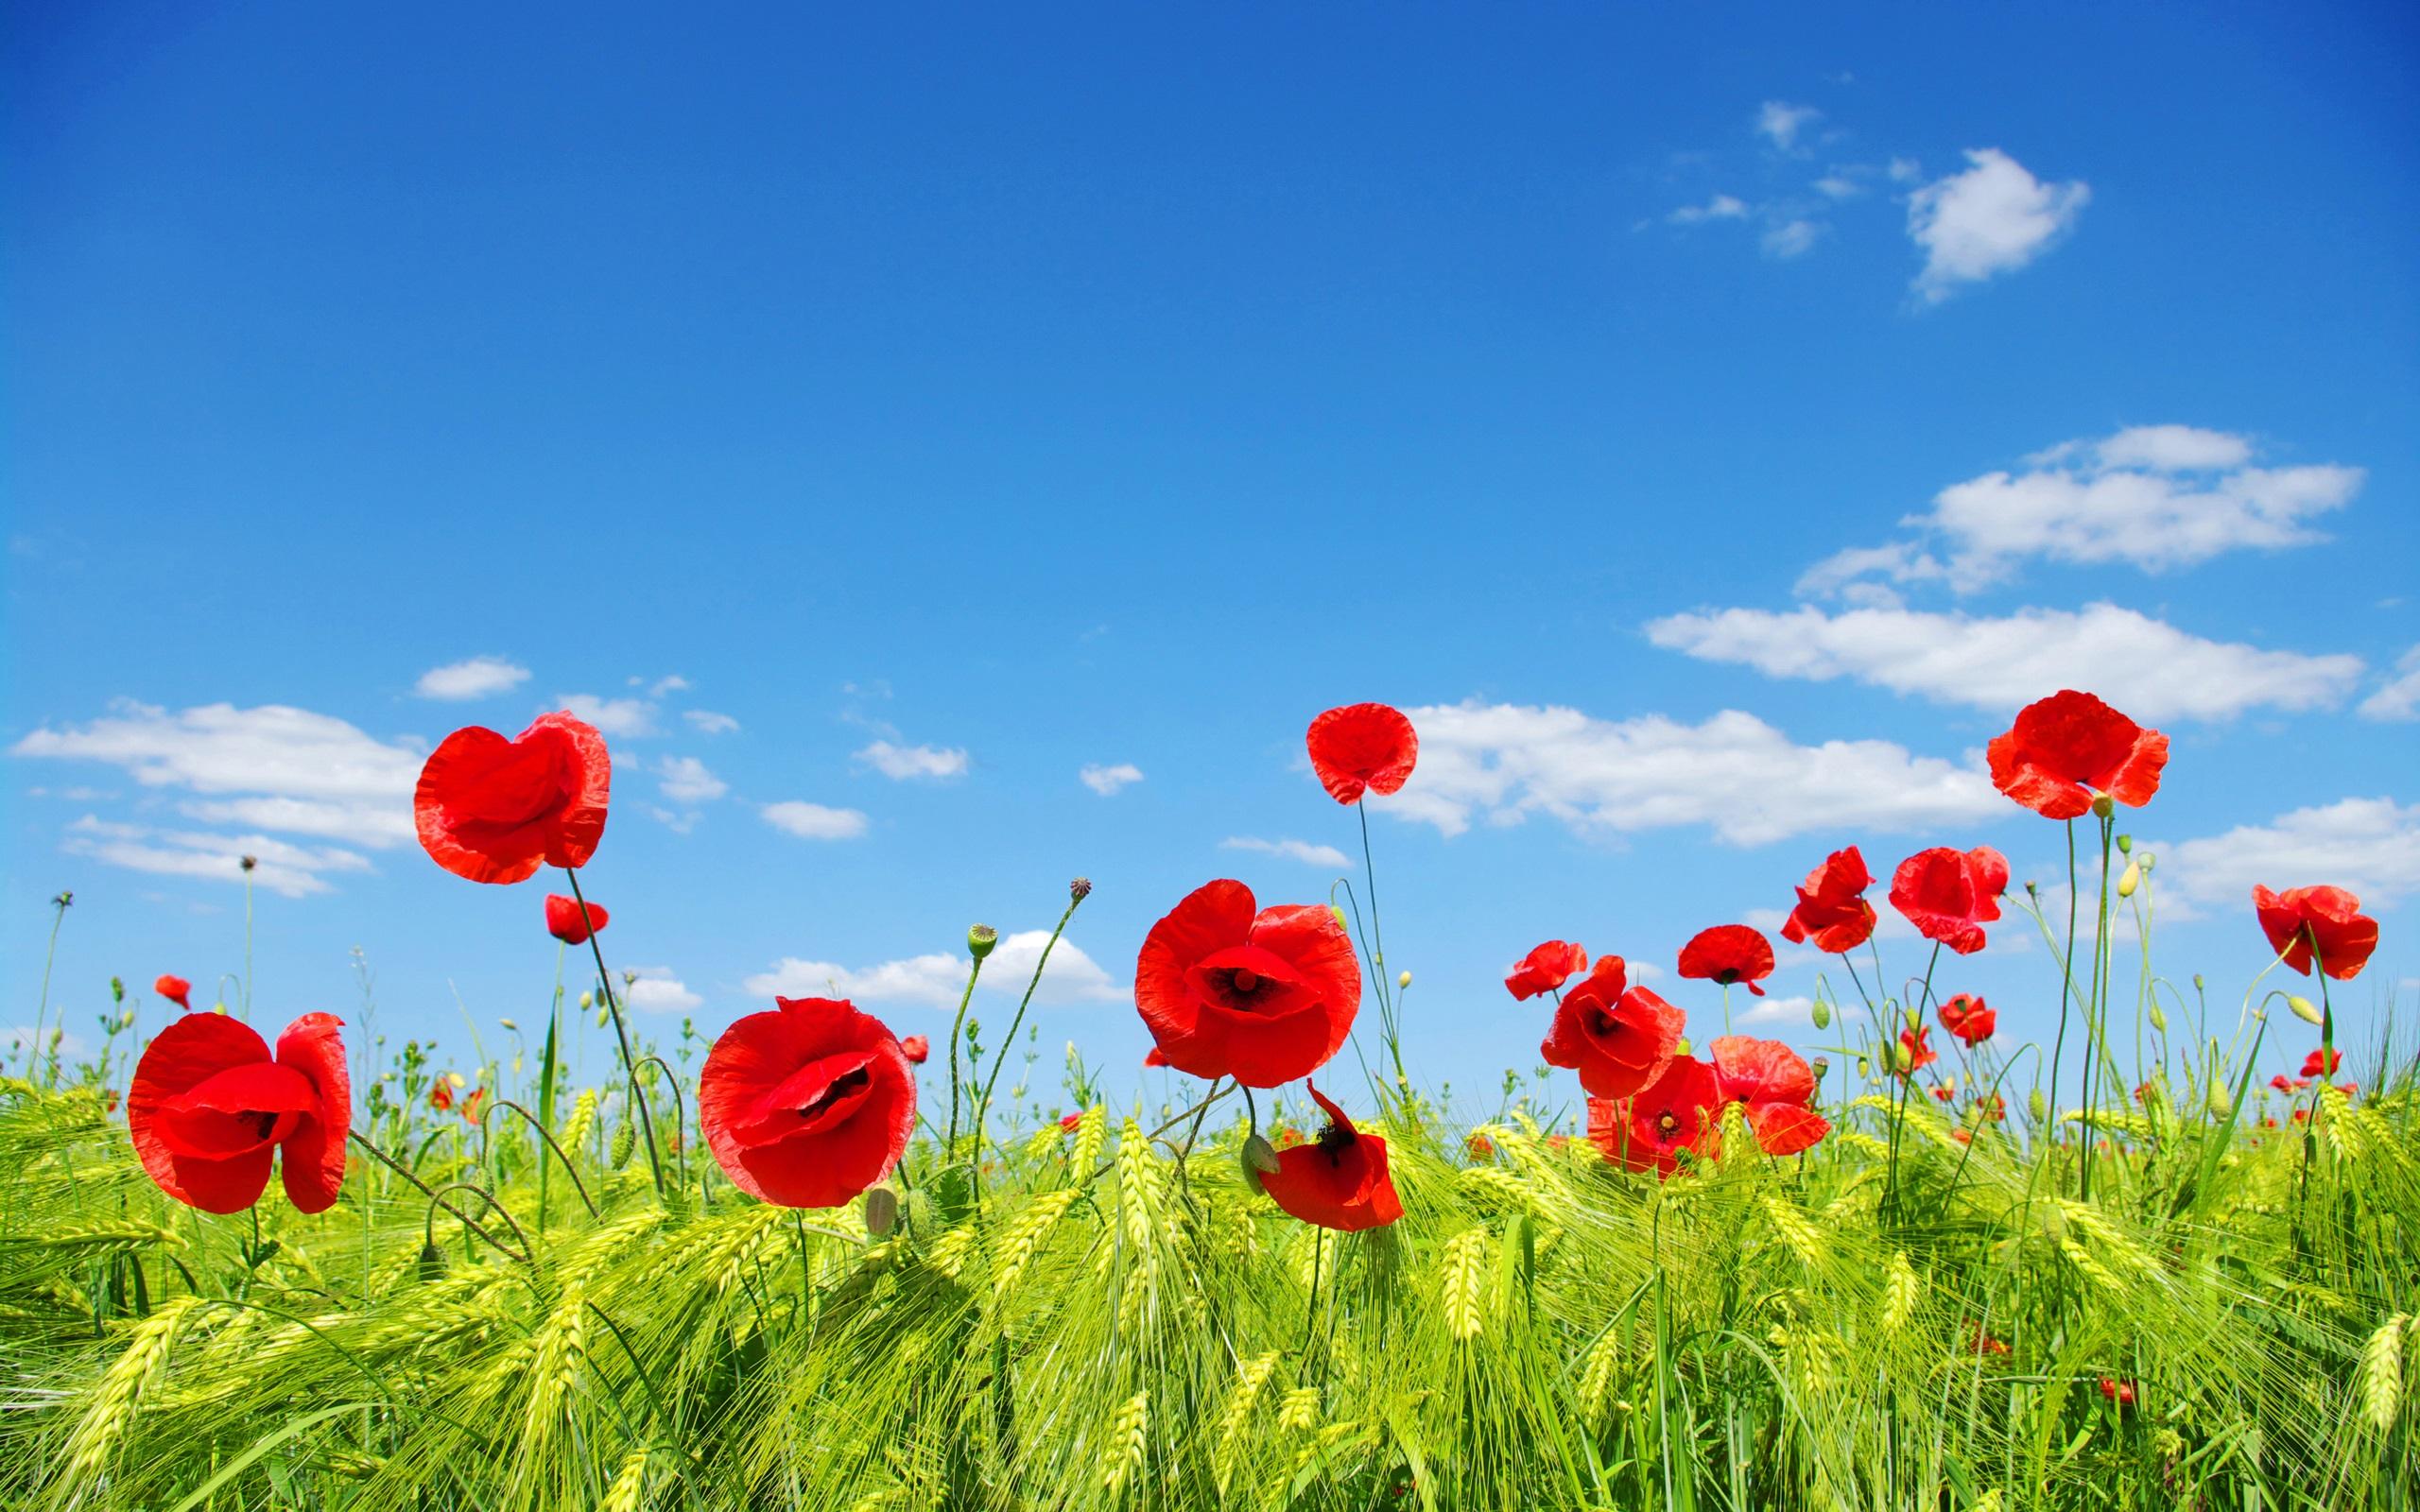 Ciel, nuages, champs de fleurs, prairie, coquelicots rouges Fond d\u0027écran